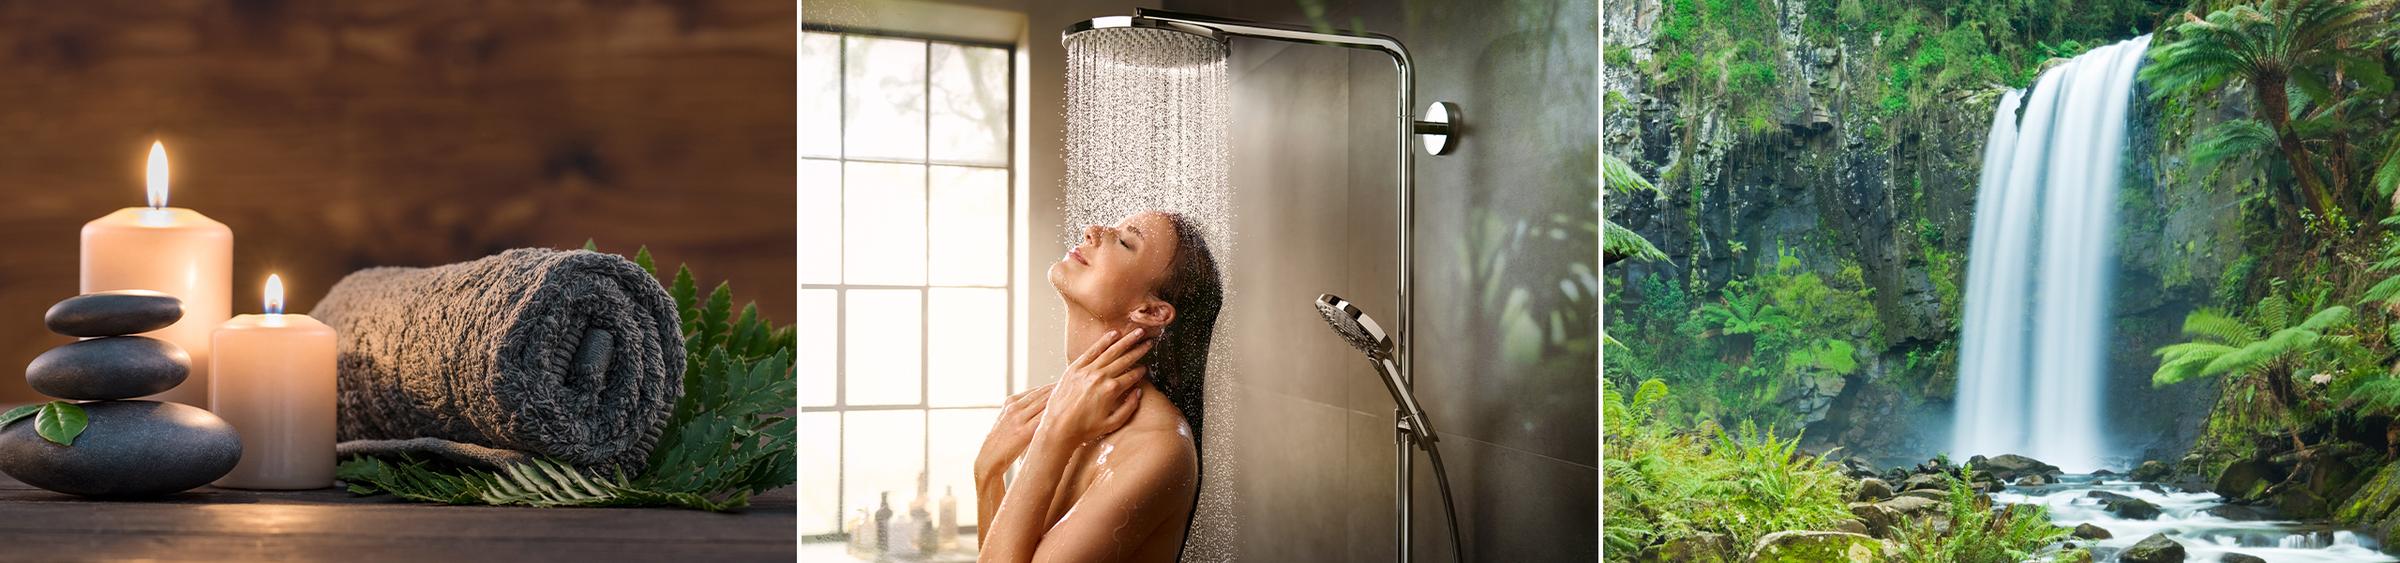 Wellness-badkamer: opties voor je douche - Wellness-badkamer: opties voor je douche